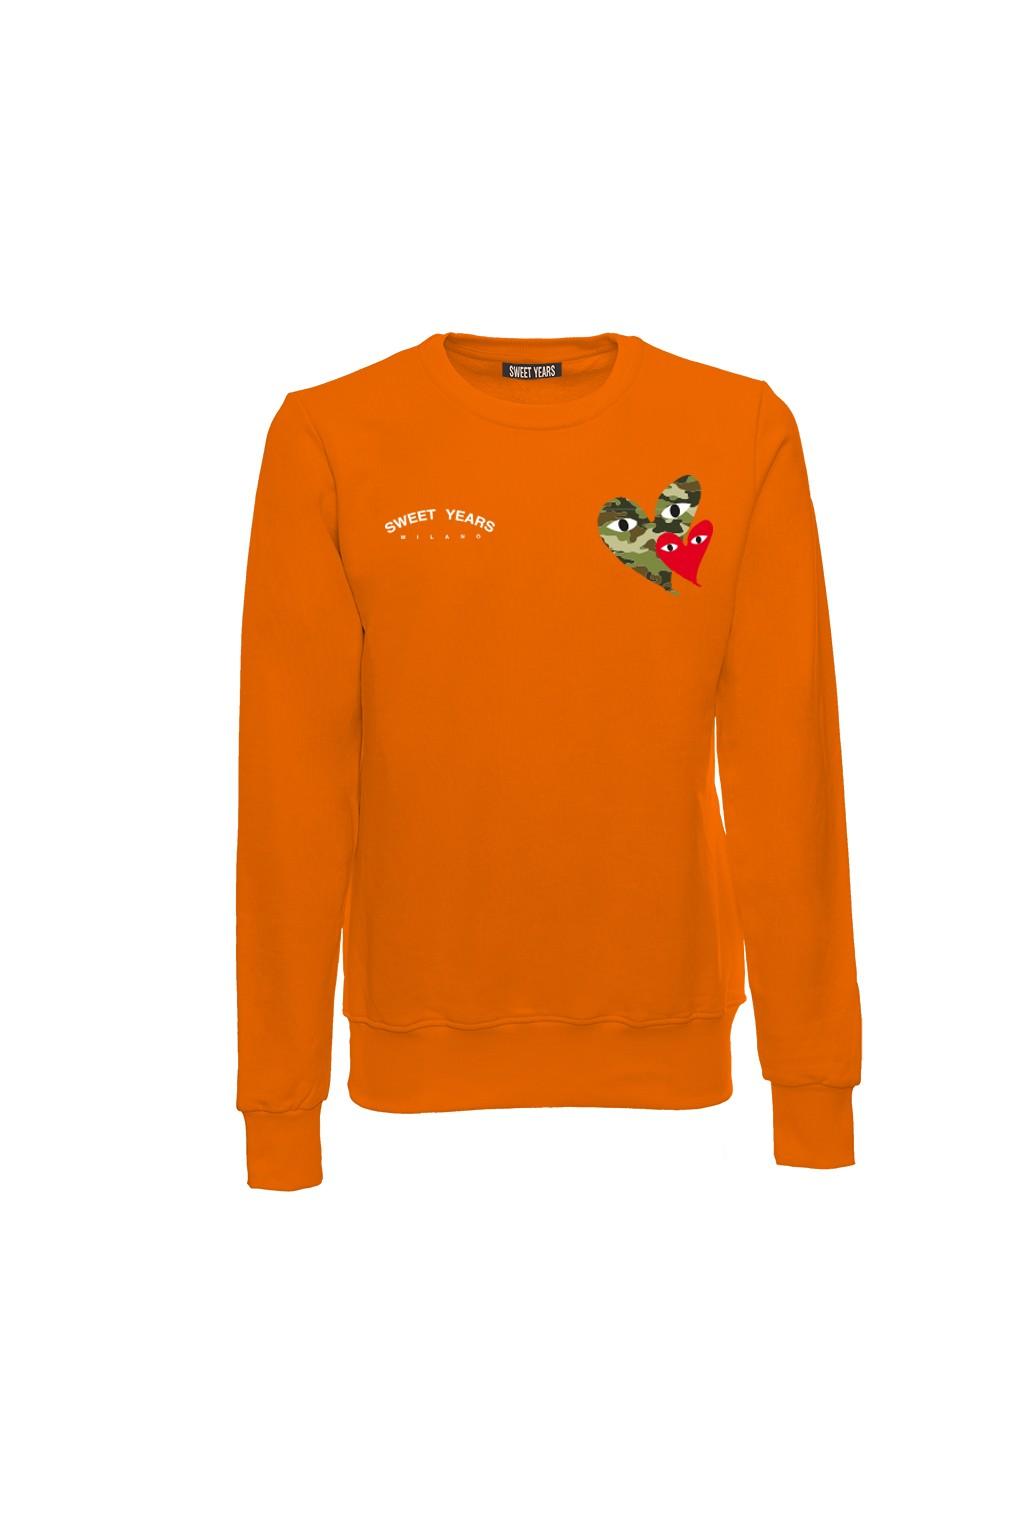 Felpa girocollo unisex in cotone arancione Sweet Years con piccole stampe sul davanti.